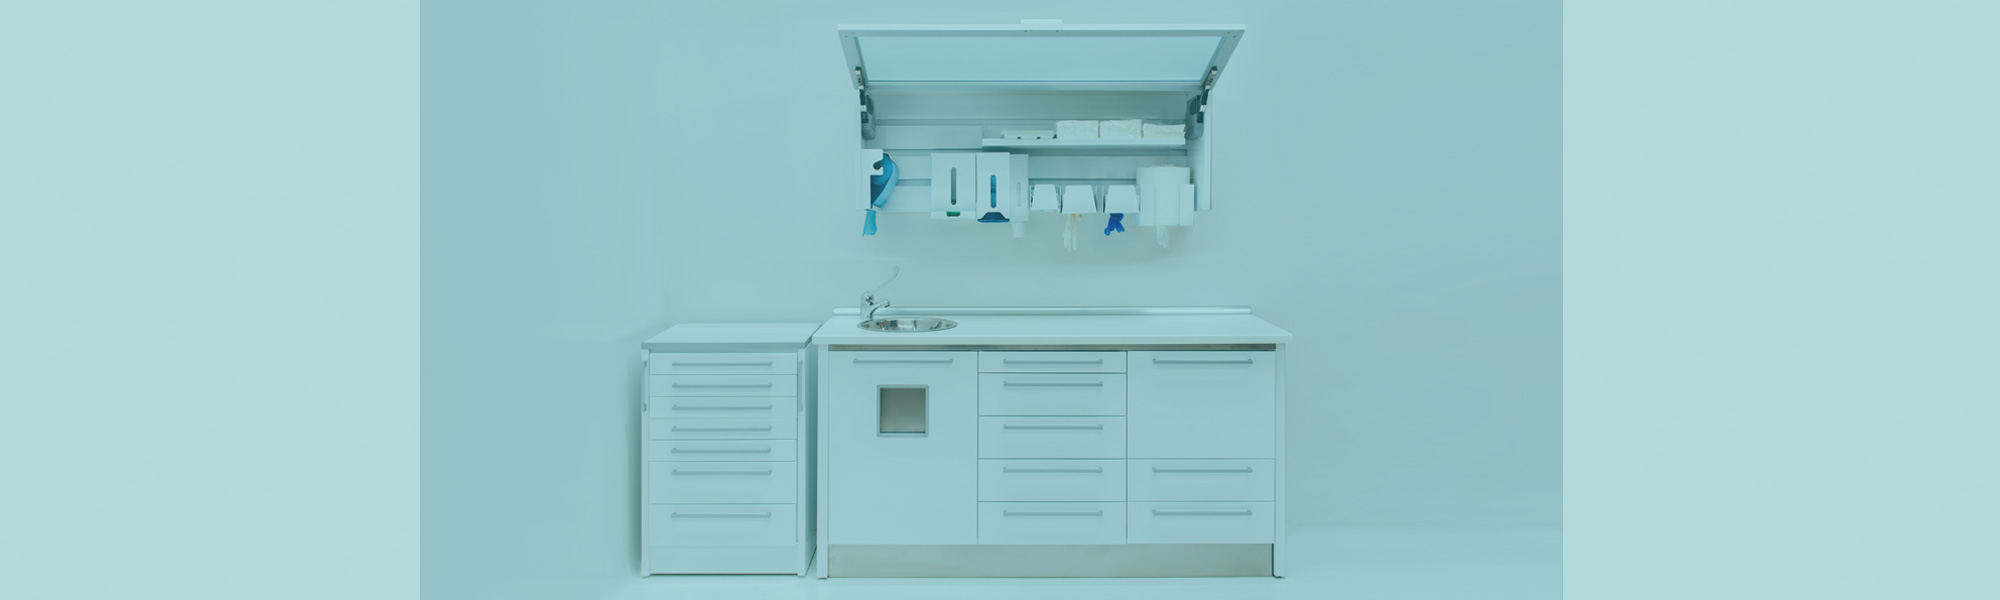 Mobiliario para cl nicas dentales y laboratorios de - Clinicas dentales diseno ...